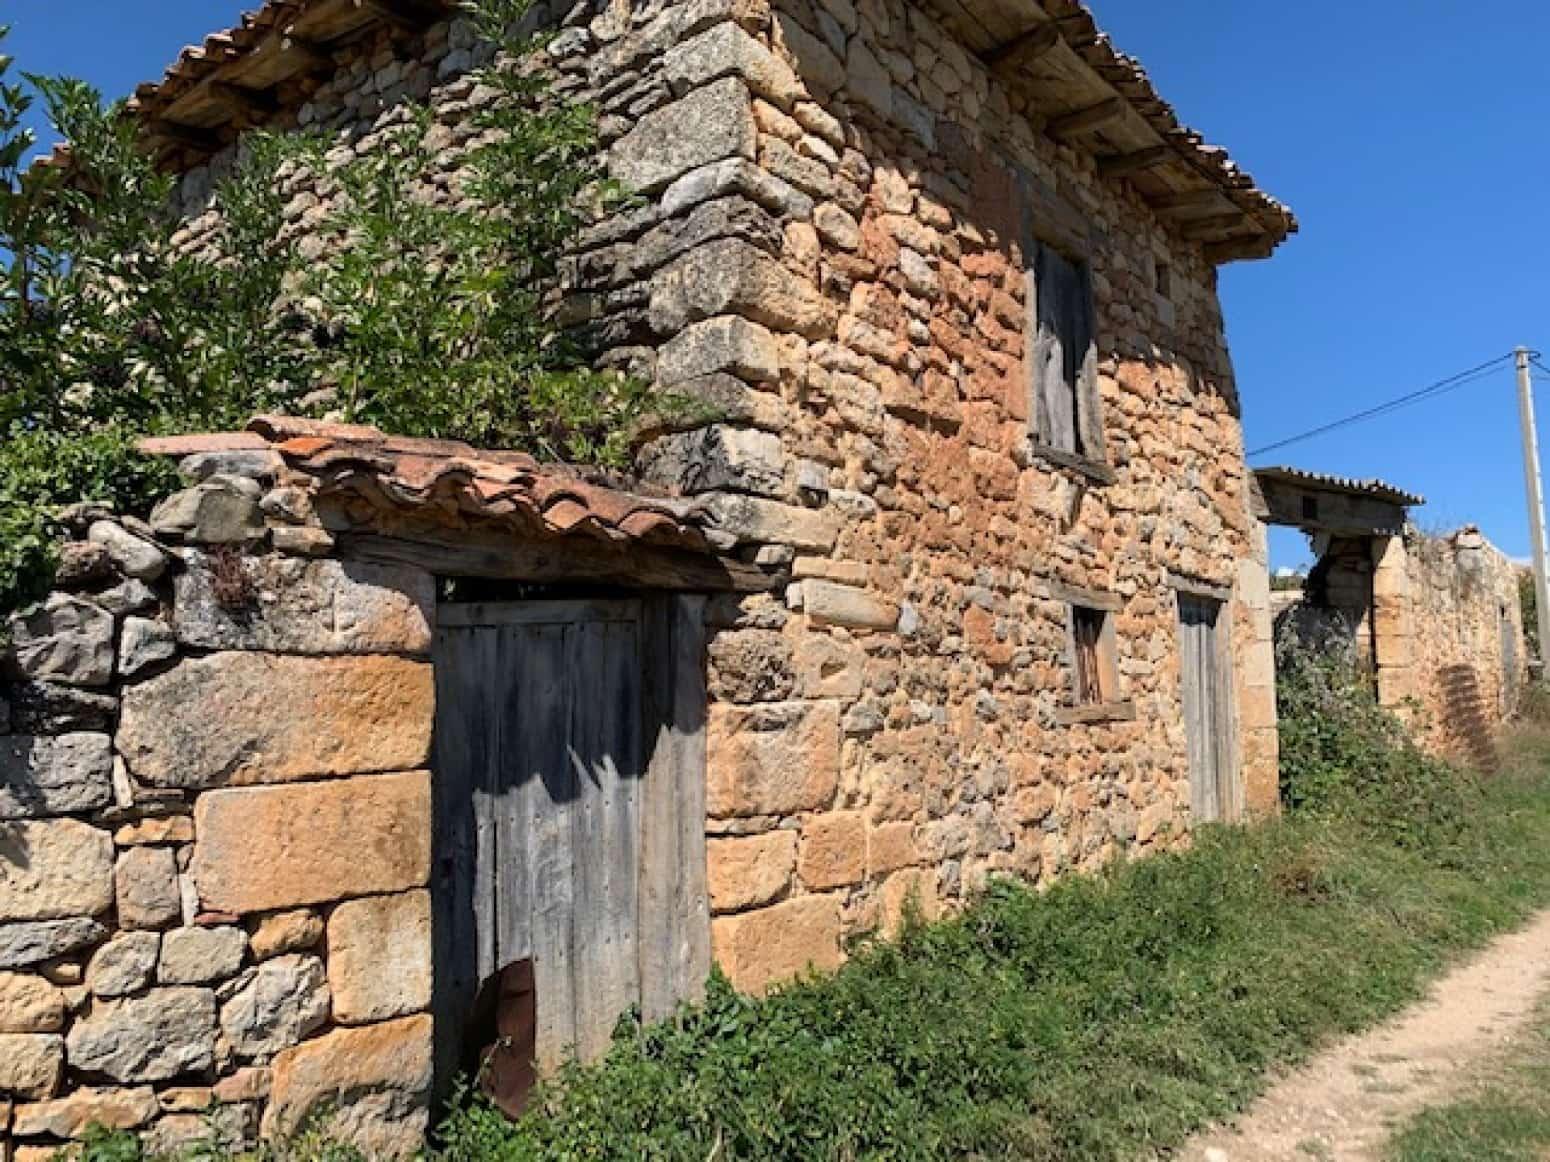 Terrain à Bâtir à vendre à Aguilar de Campoo - 60 000 € (Ref: 5630334)